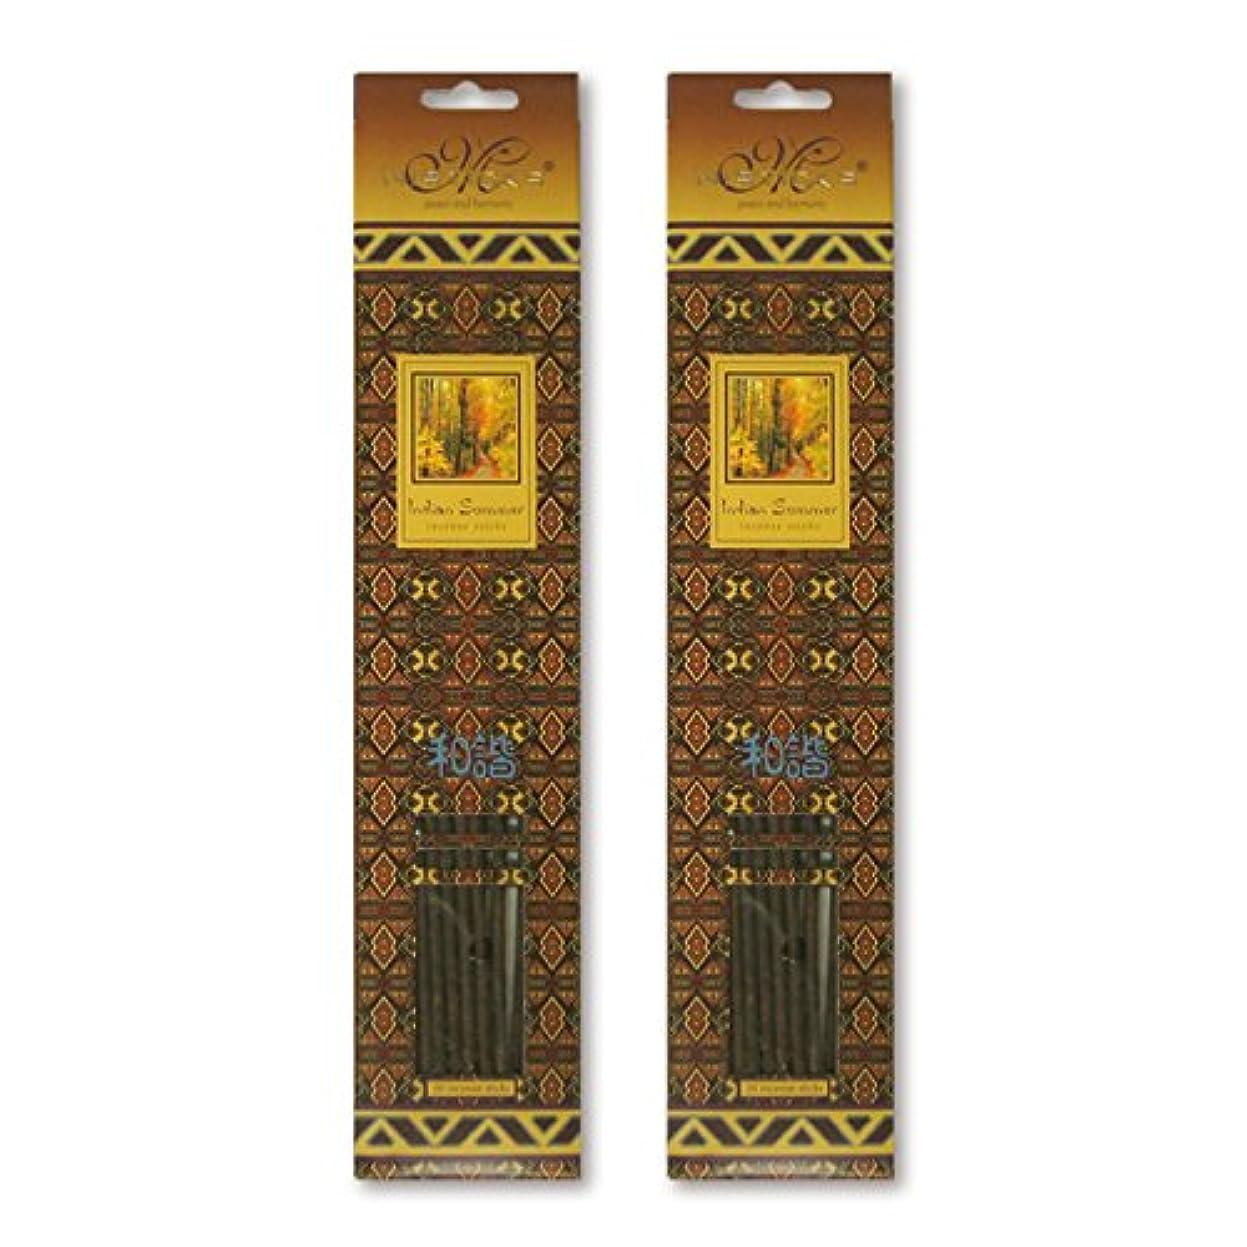 パシフィックセンターボアMISTICKS ミスティックス Indian Summer インディアンサマー お香 20本 X 2パック (40本)